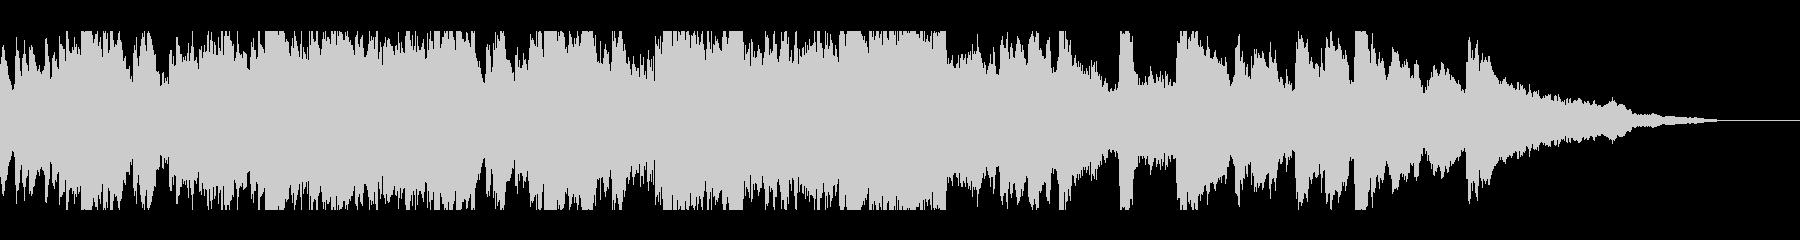 有名部分から始まるパッヘルベルのカノンの未再生の波形